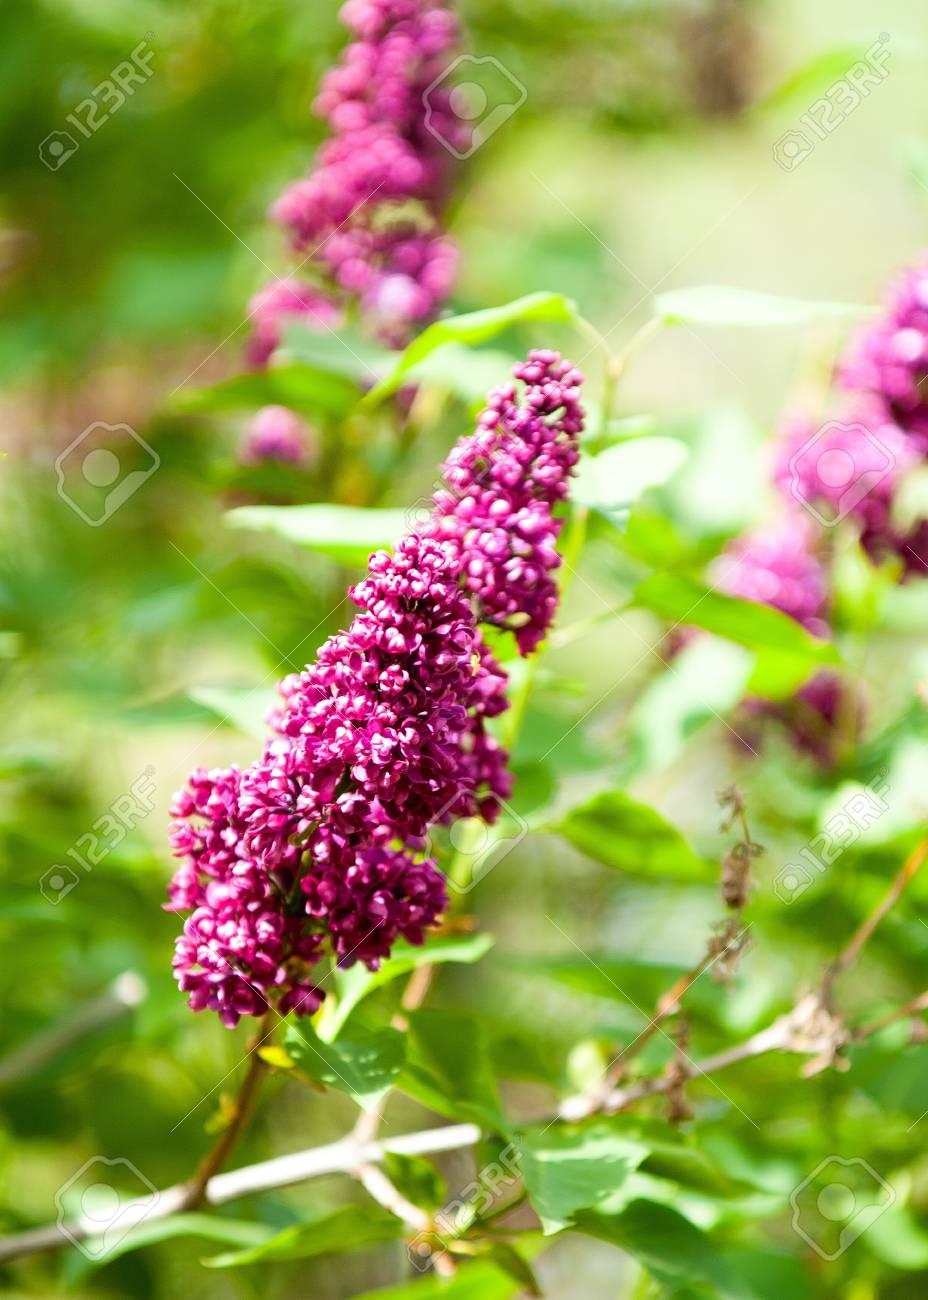 Lila Blumen Großer Gartenstrauch Mit Lila Oder Weißen Duftenden